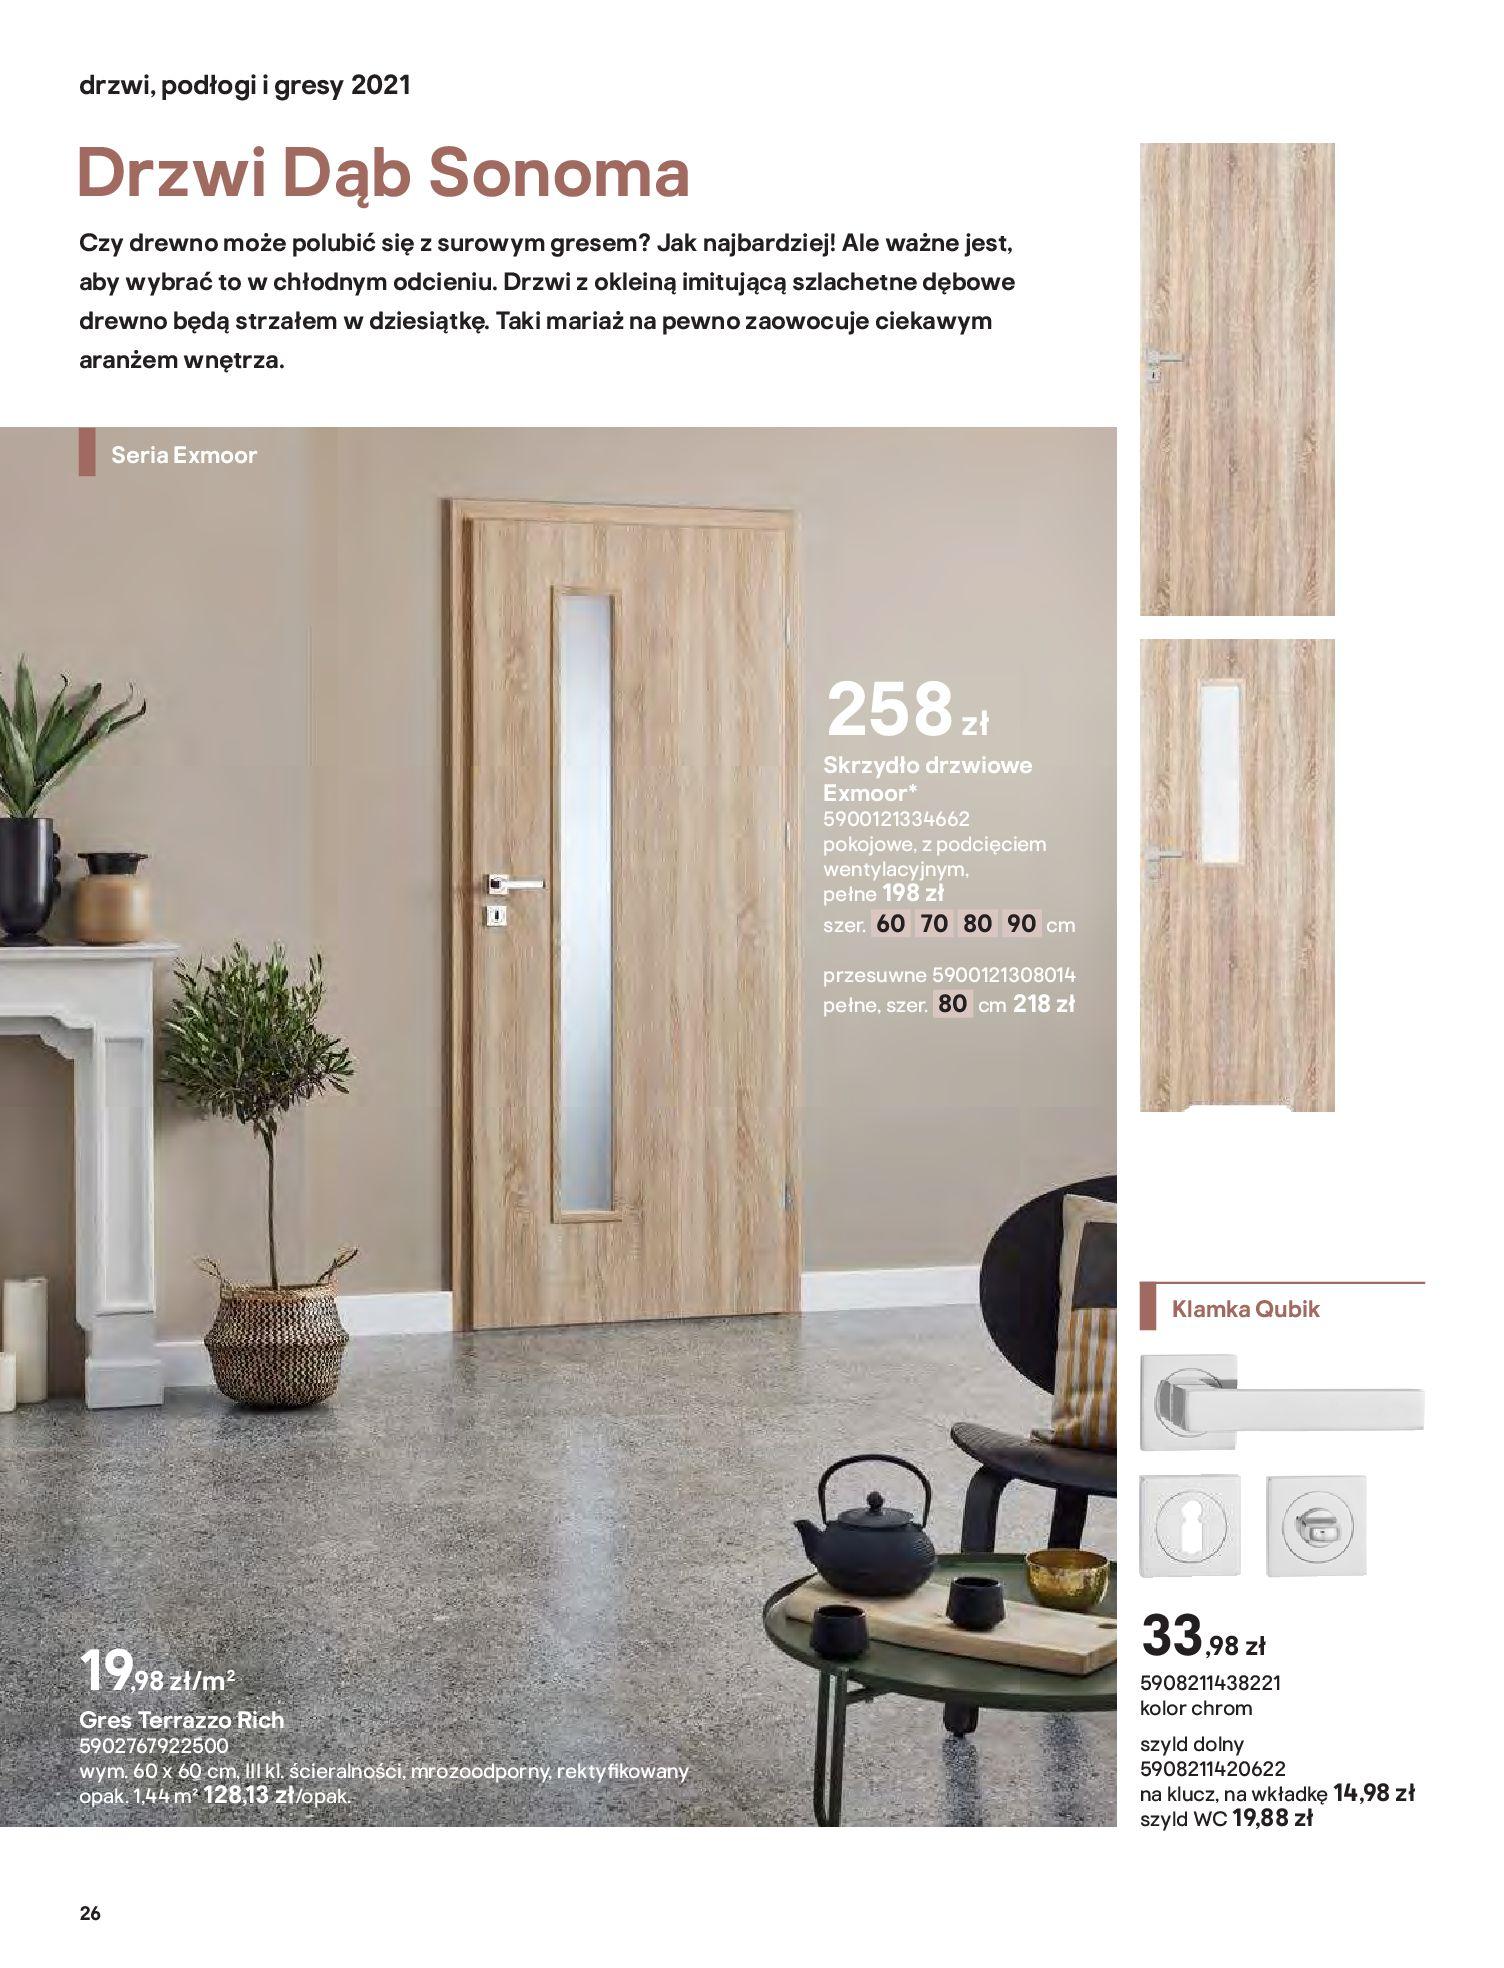 Gazetka Castorama: Gazetka Castorama - Przewodnik drzwi i podłogi 2021 2021-08-11 page-26